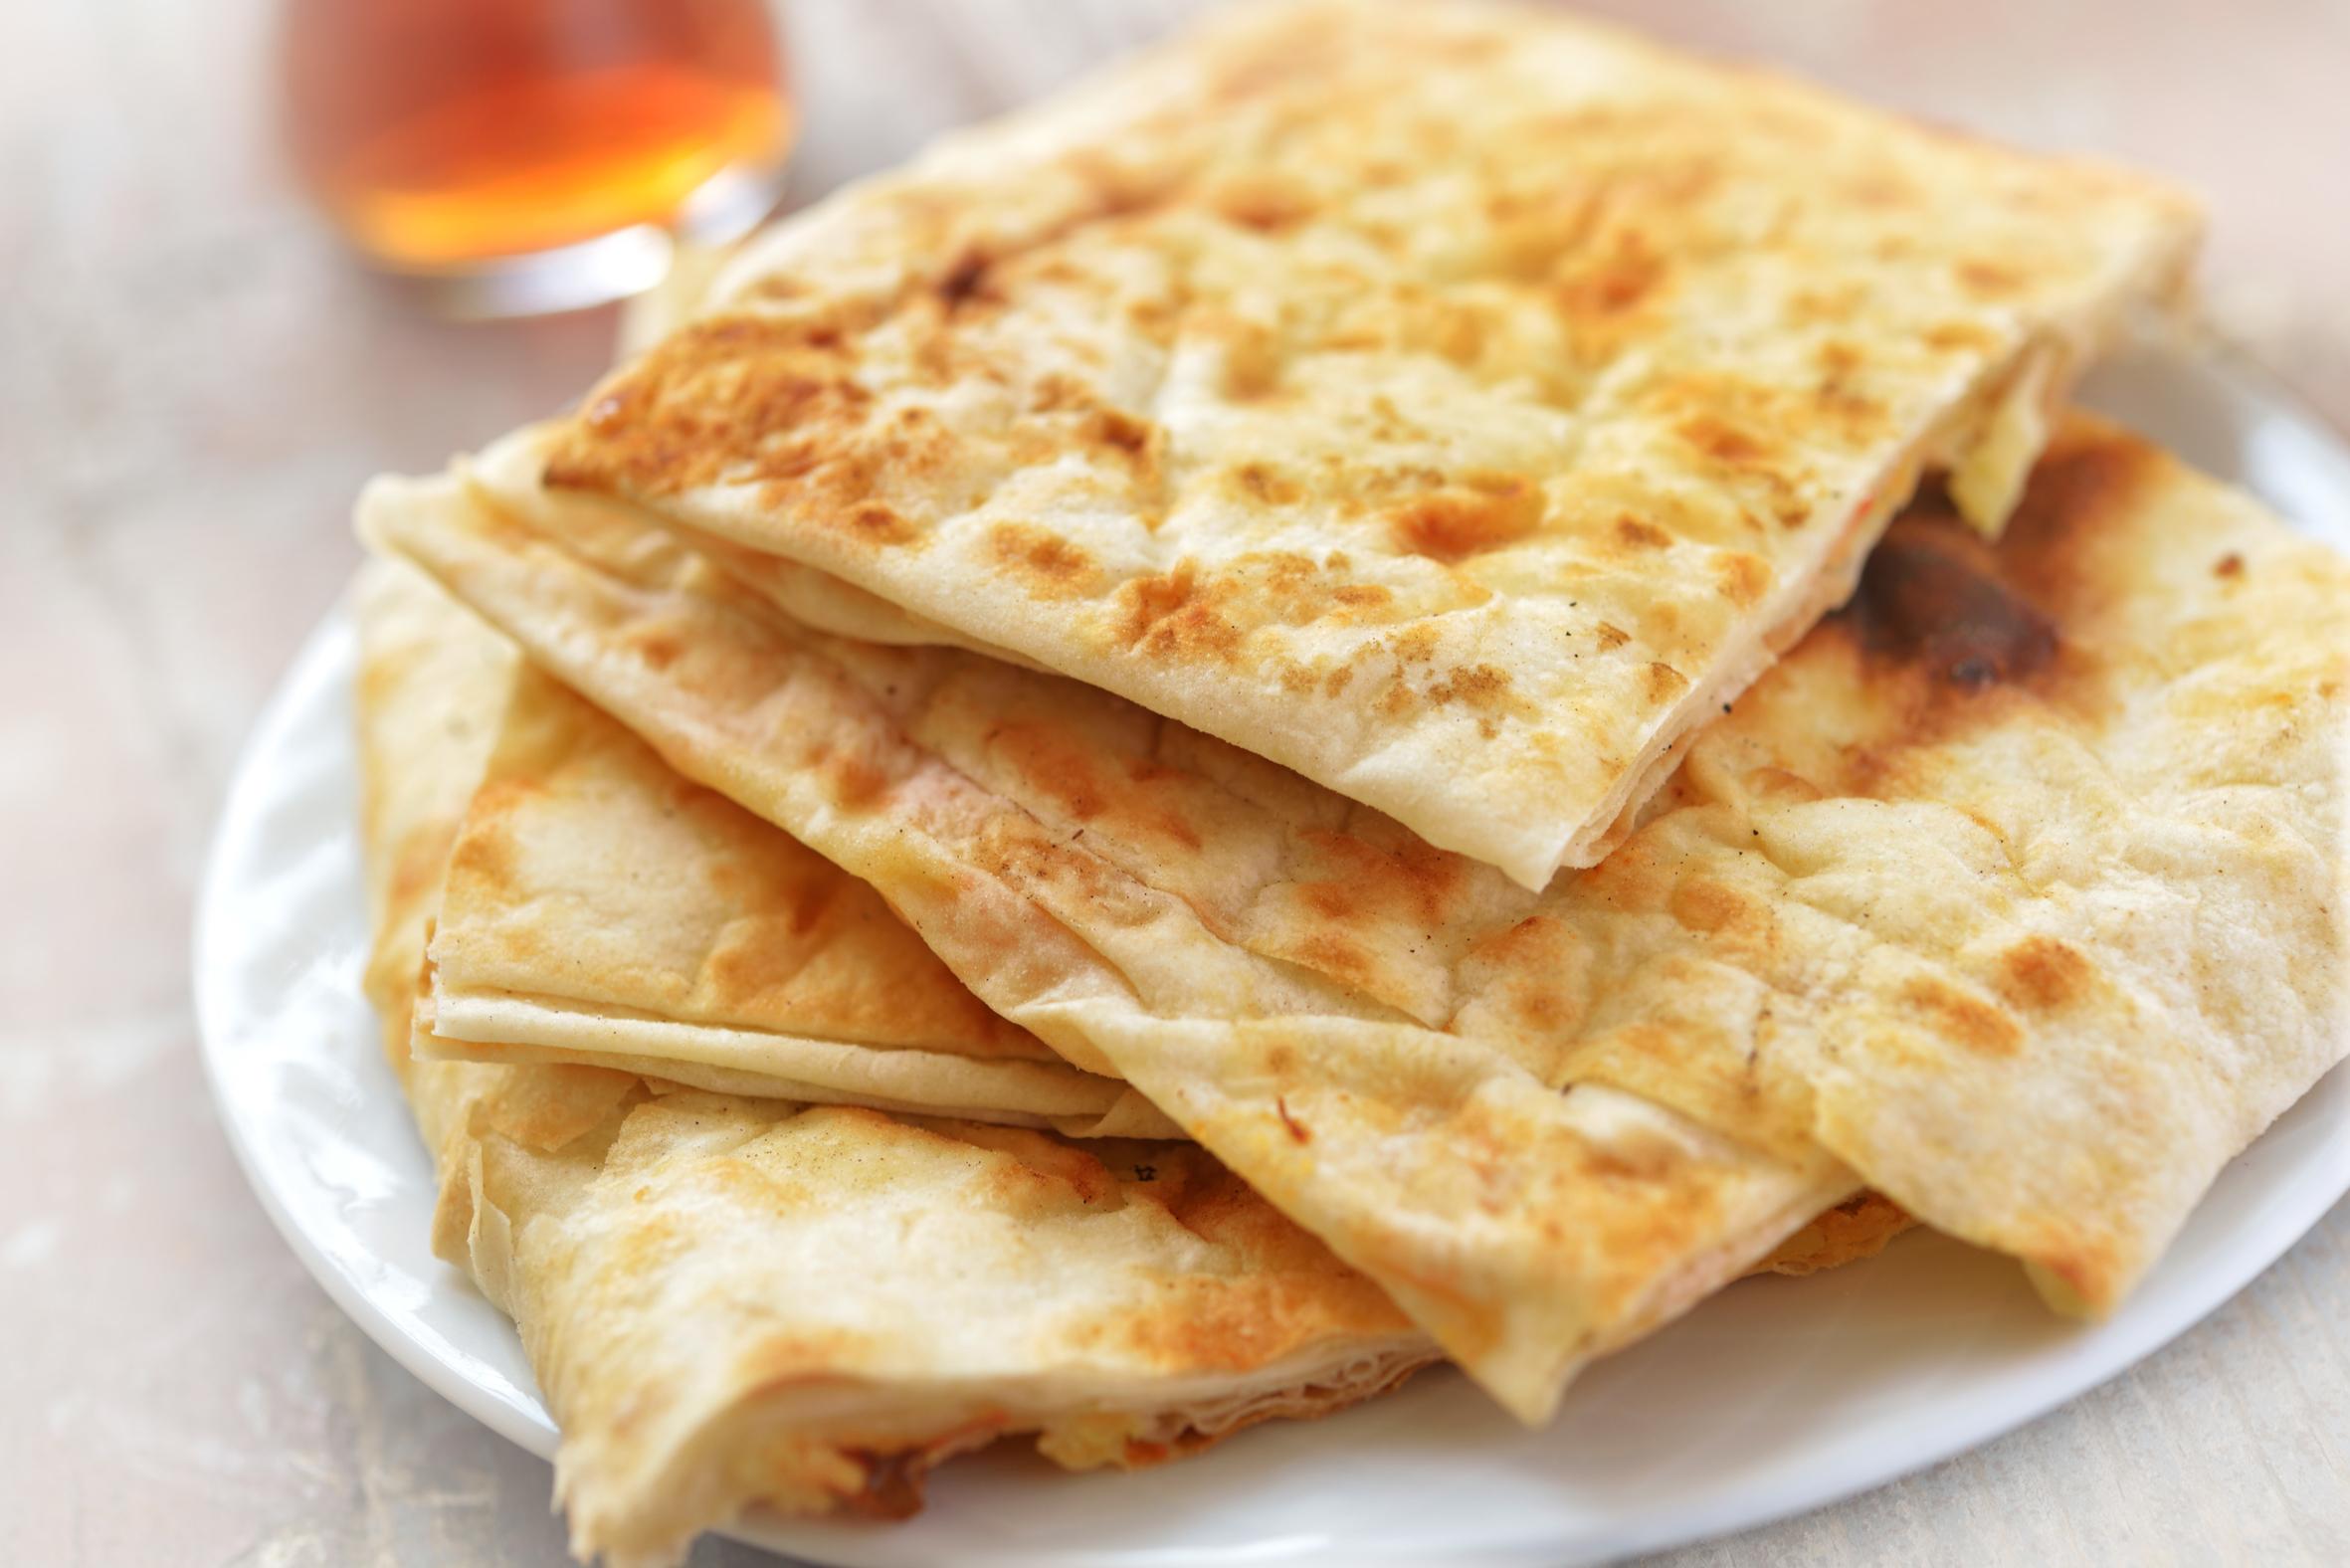 http://www.foodthinkers.com.au/images/easyblog_images/458/rev-1-Gozleme_HighRes_200628404_JPG-High-Res.jpg